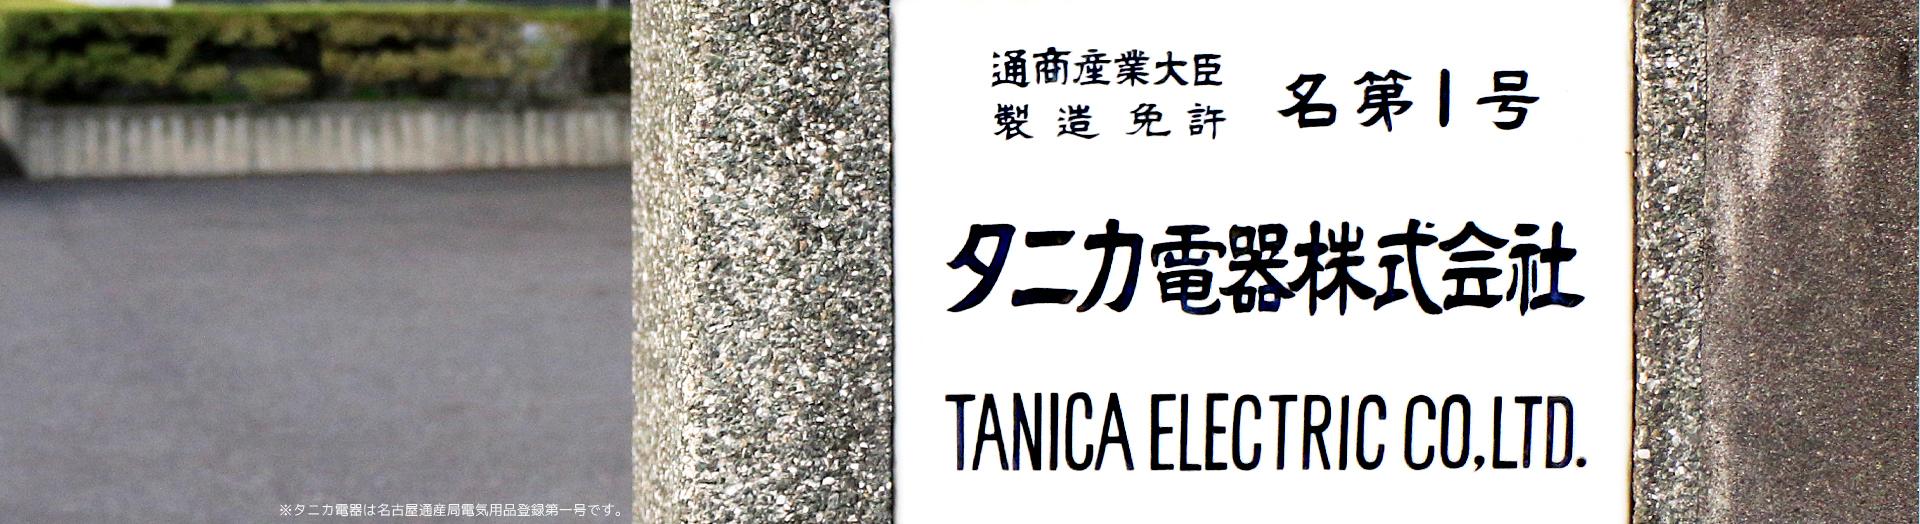 タニカの理念